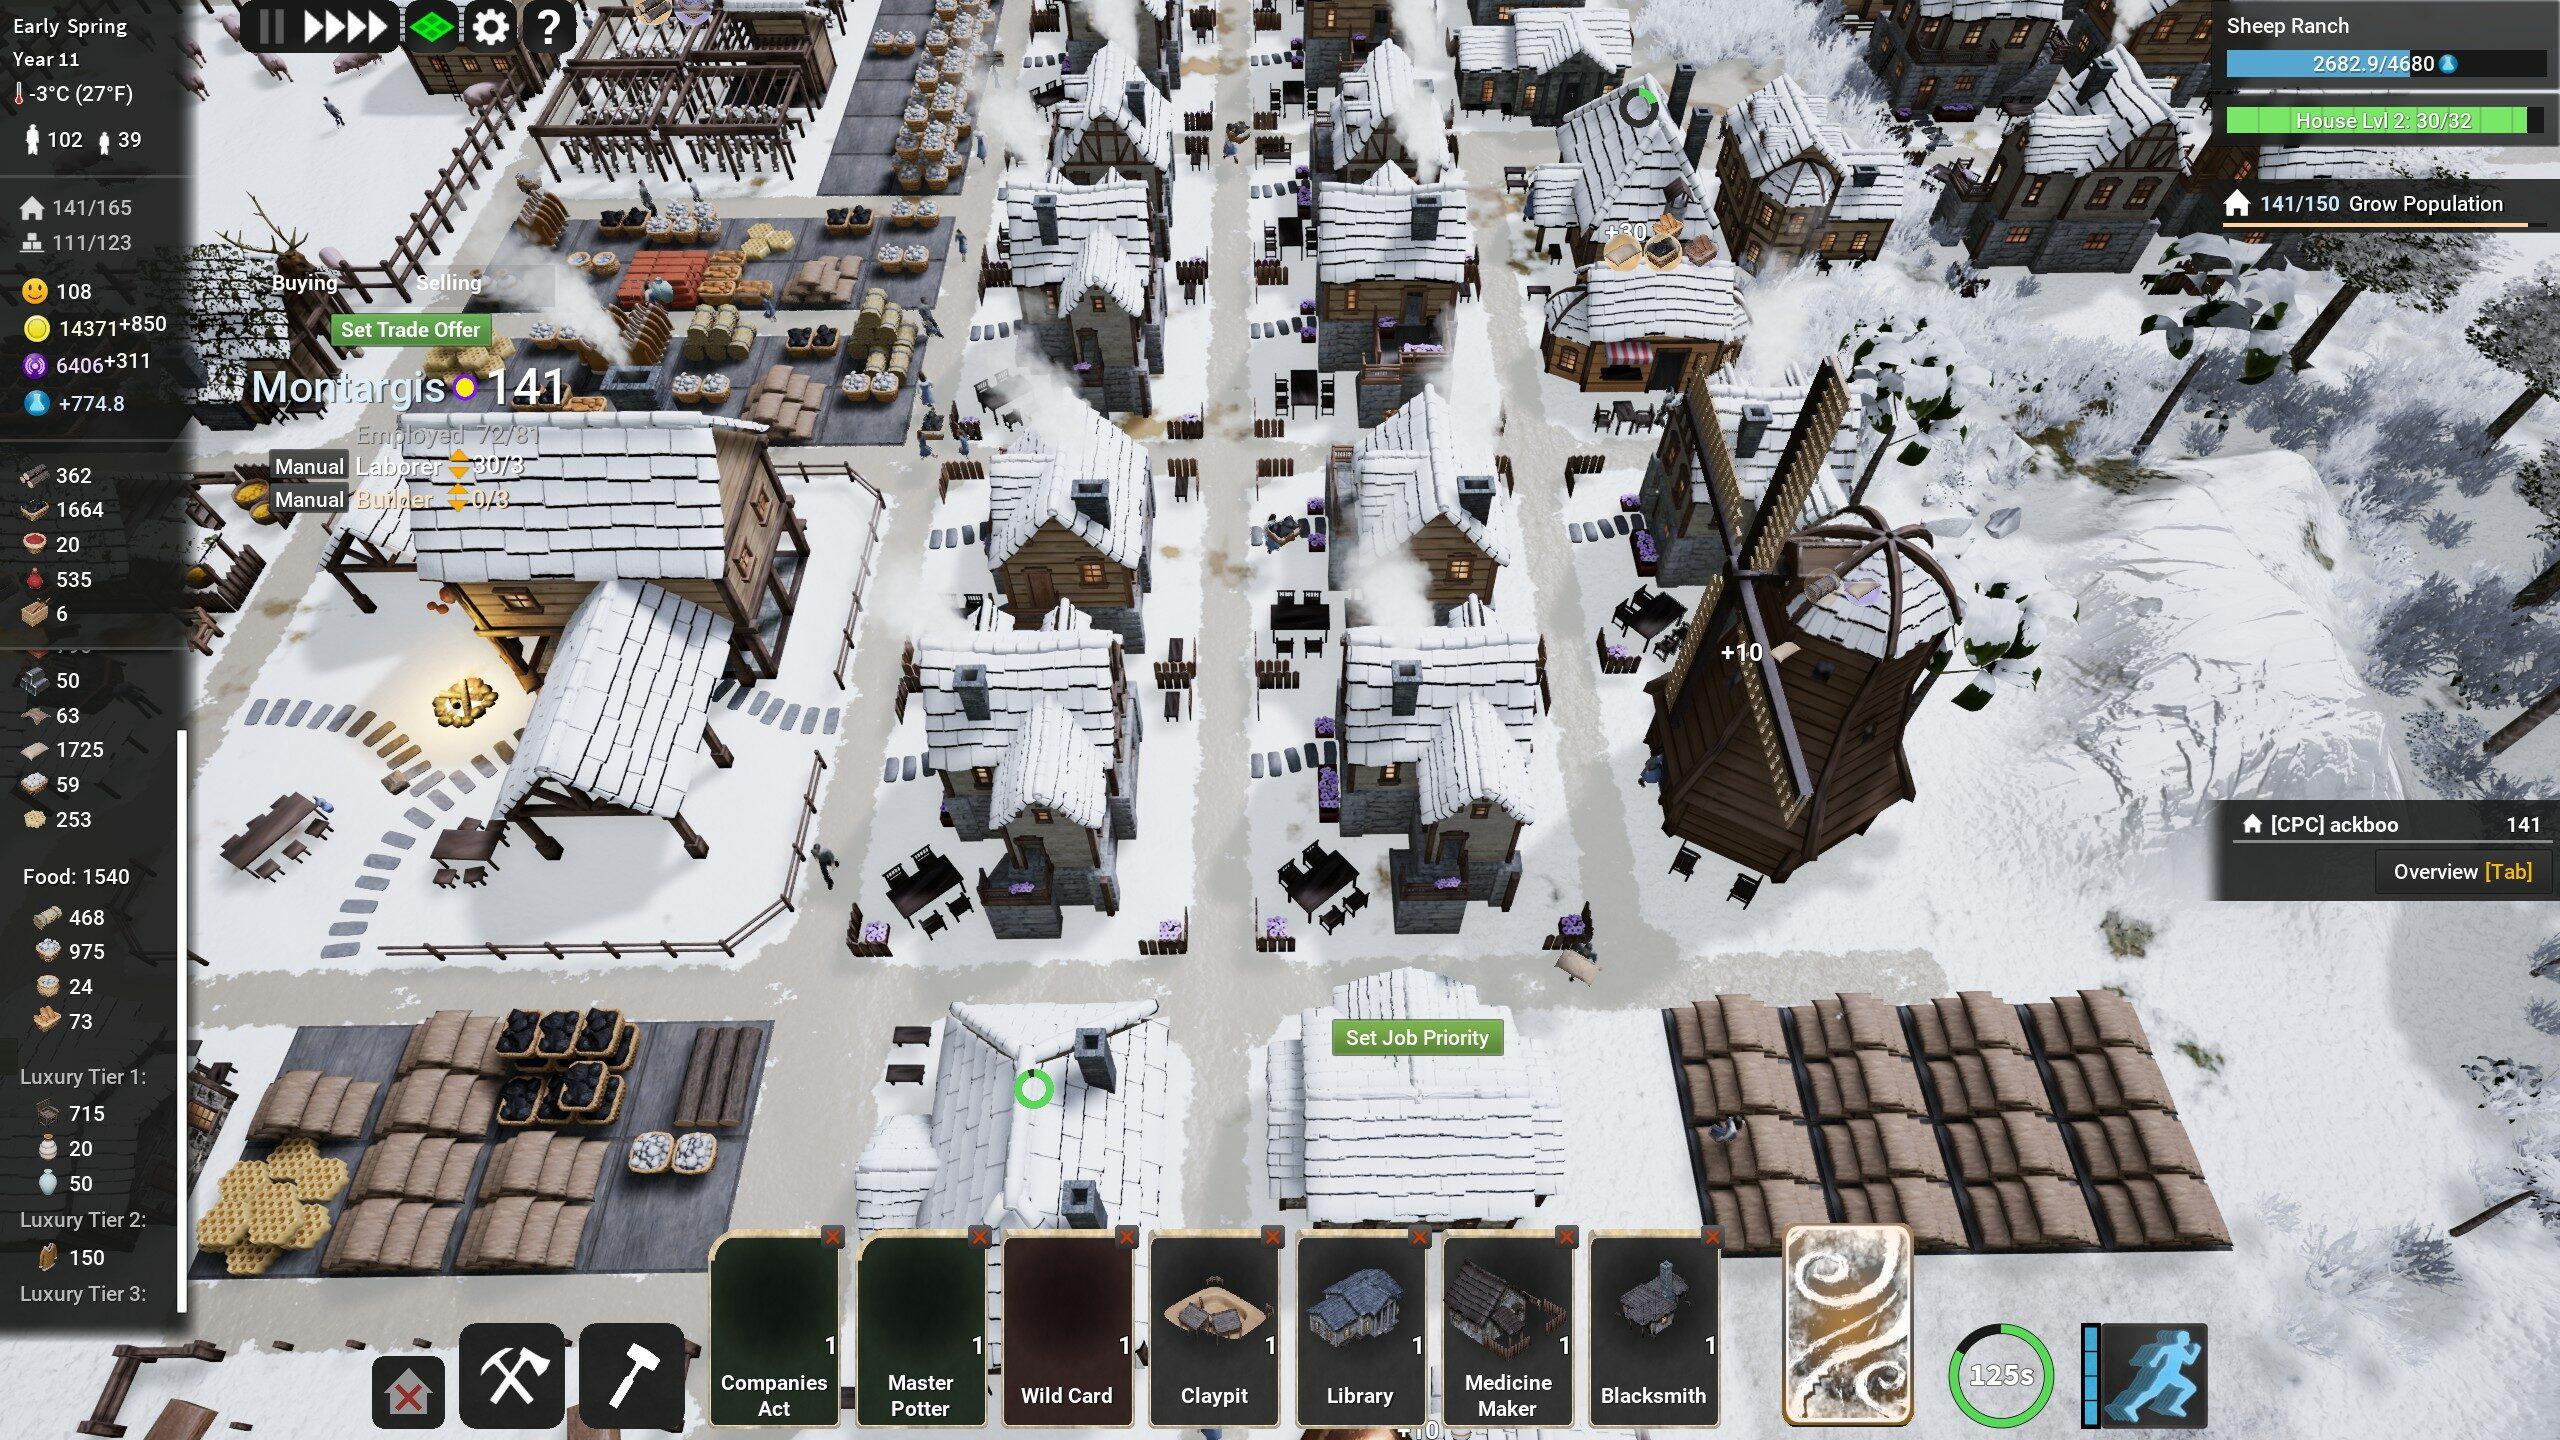 Quand la neige recouvre le village de son manteau blanc, il faut… surveiller le stock de charbon comme un gros chacal. Sans chauffage, les habitants quittent la ville ou tombent malades, tels les ingrats qu'ils sont.